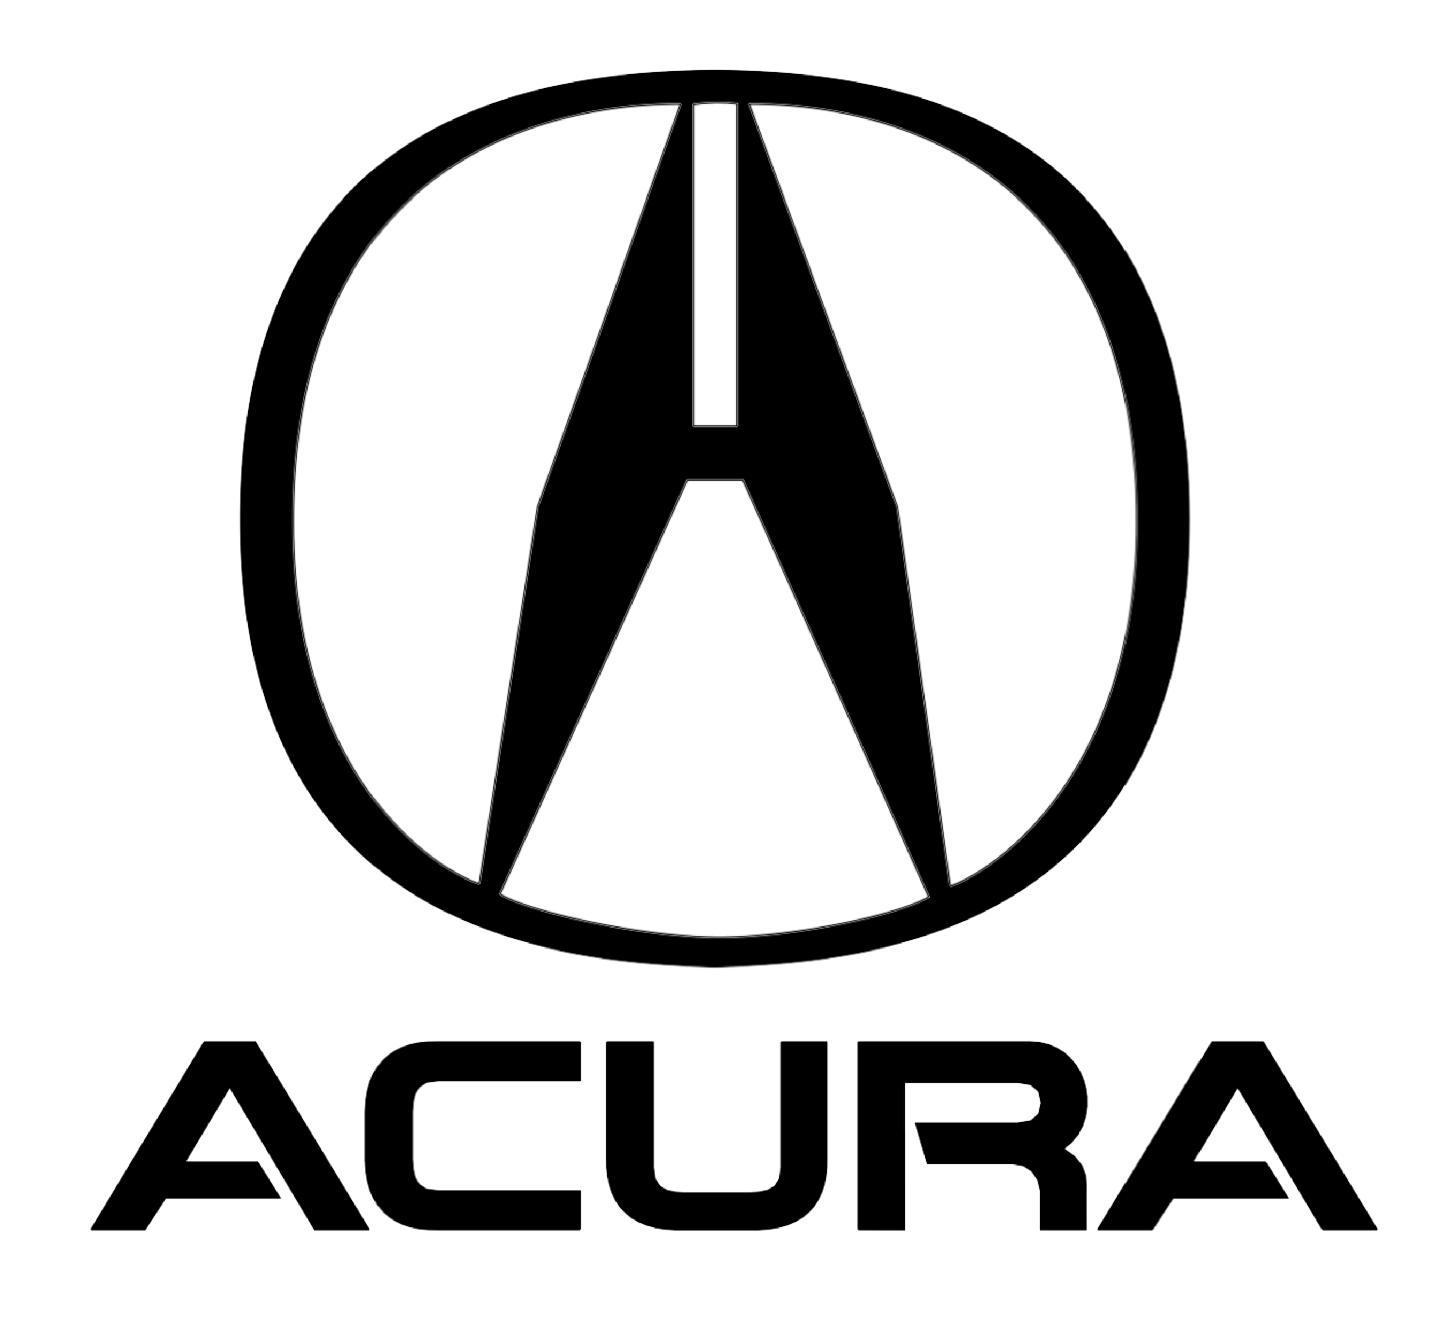 """El logotipo de Acura consiste en una letra """"A"""", pero también oculta una referencia a la marca Honda, su compañía matriz. ?"""